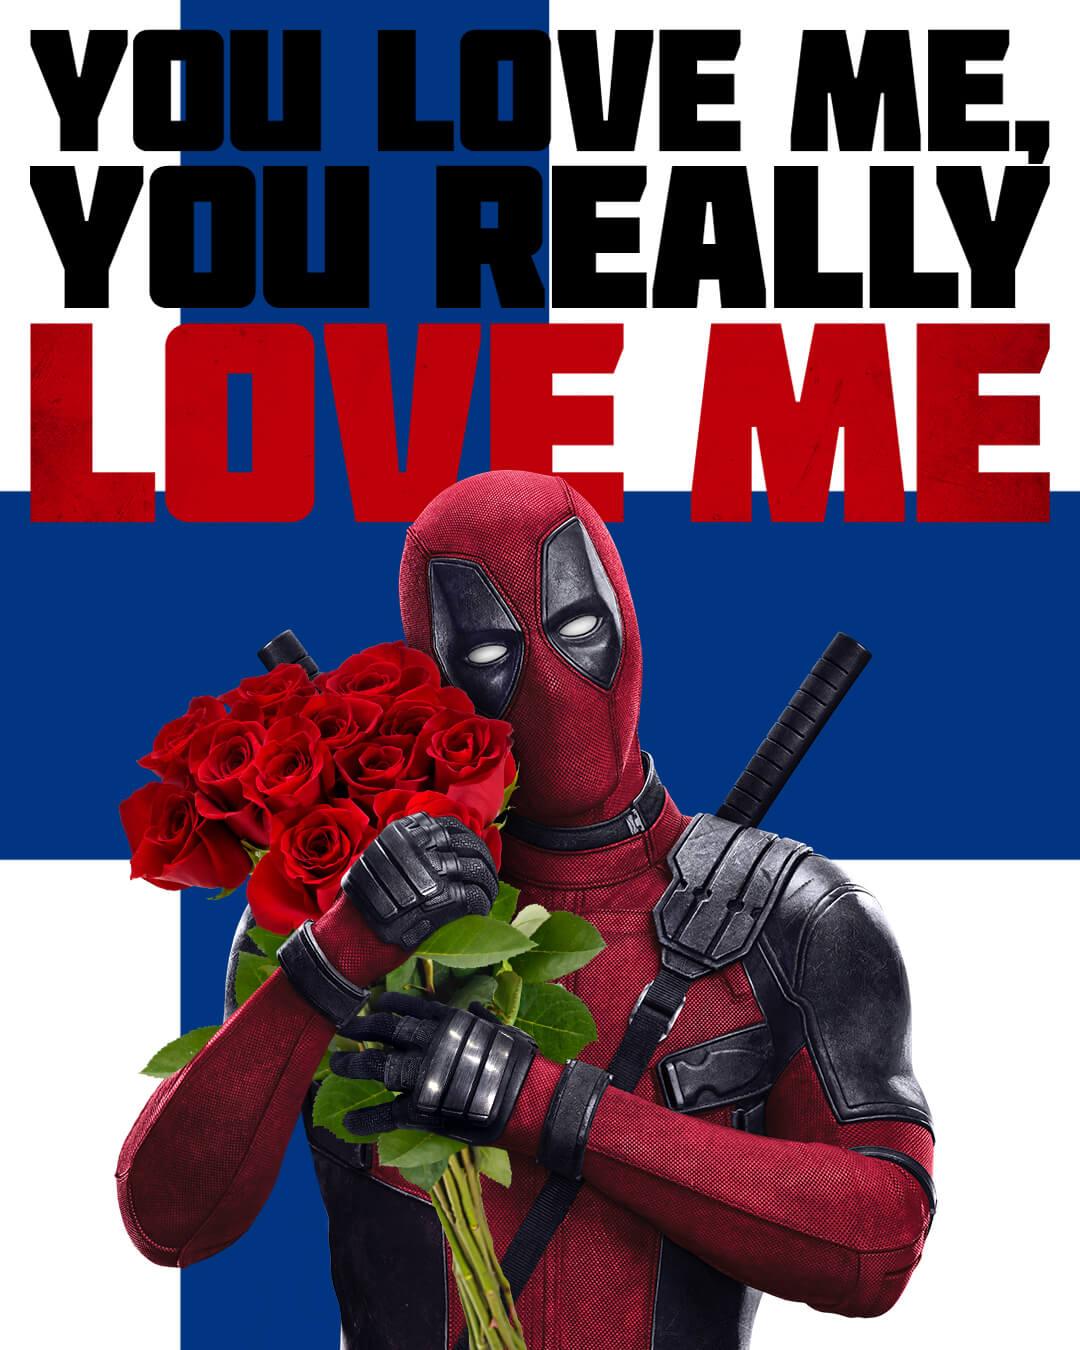 Deadpool 2 sai räjähtävän startin – teki tähänastisen vuoden suurimman avauspäivän tuloksen